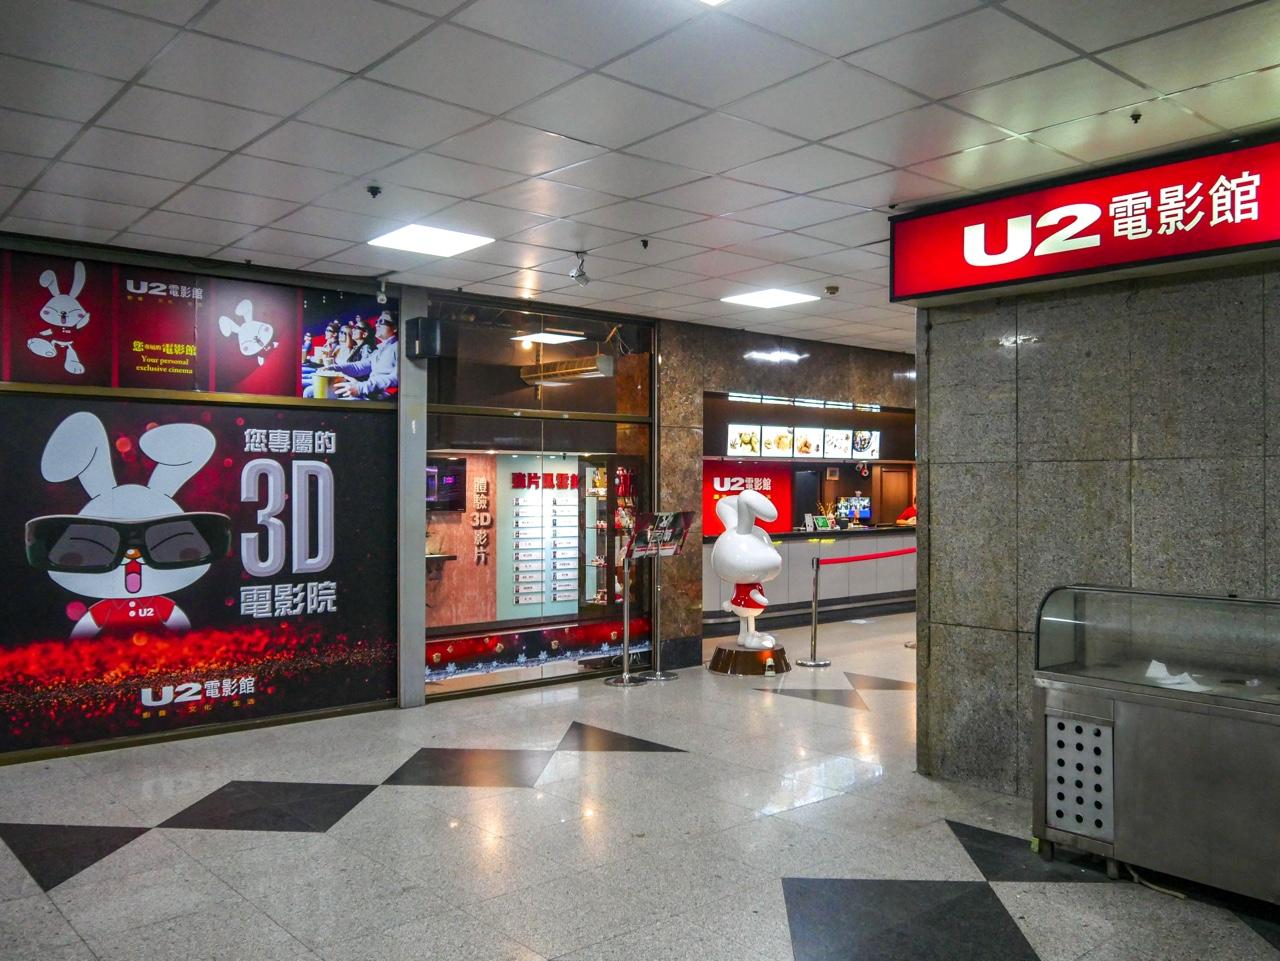 アセアン広場7階の映画館U2